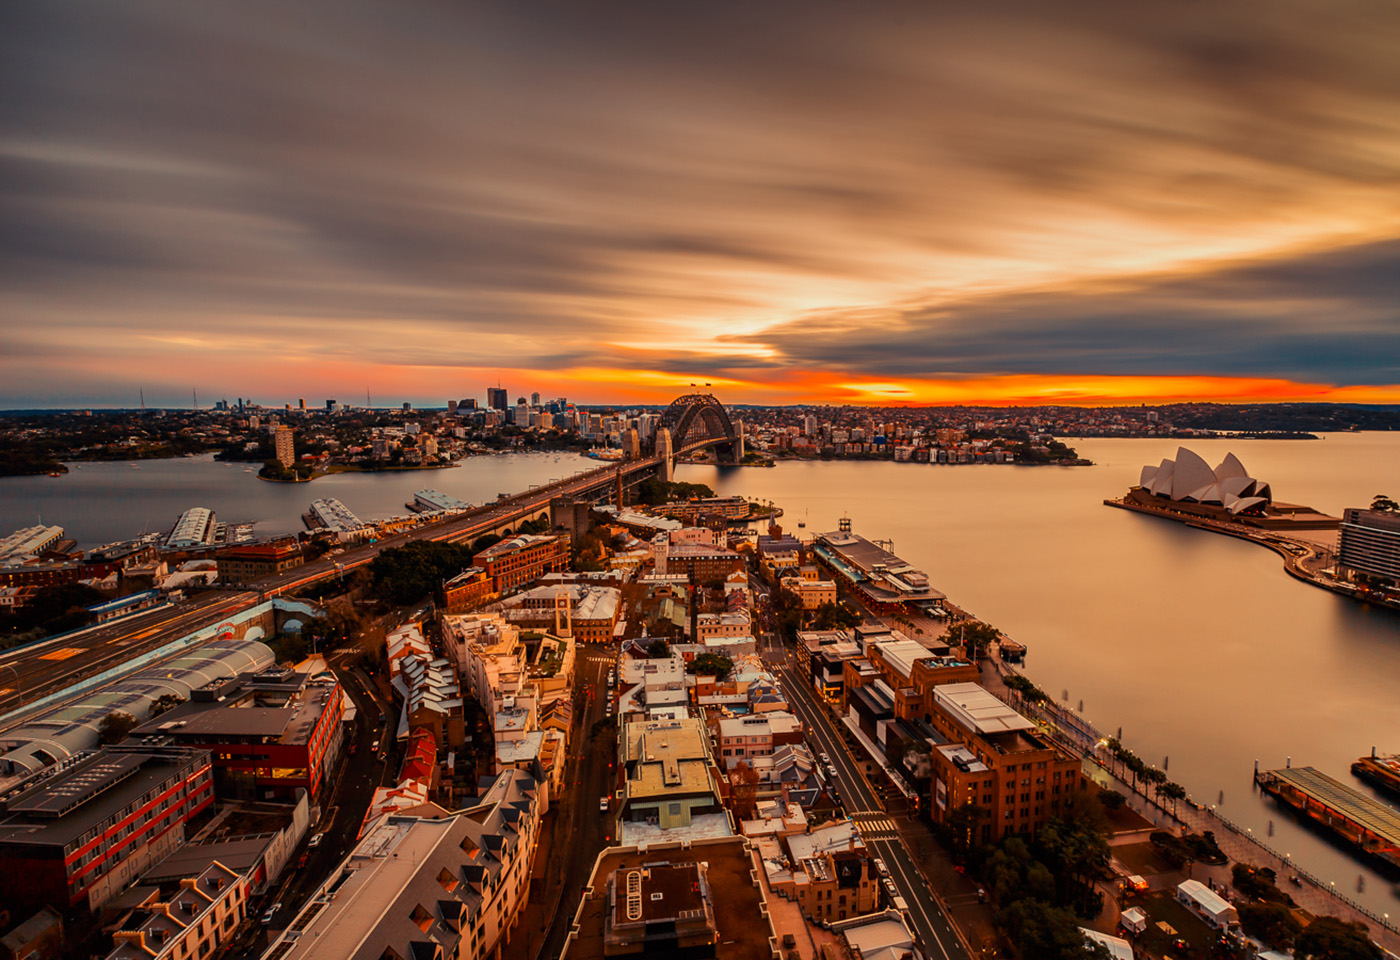 Landscape image of Sydney city by Beau Weti